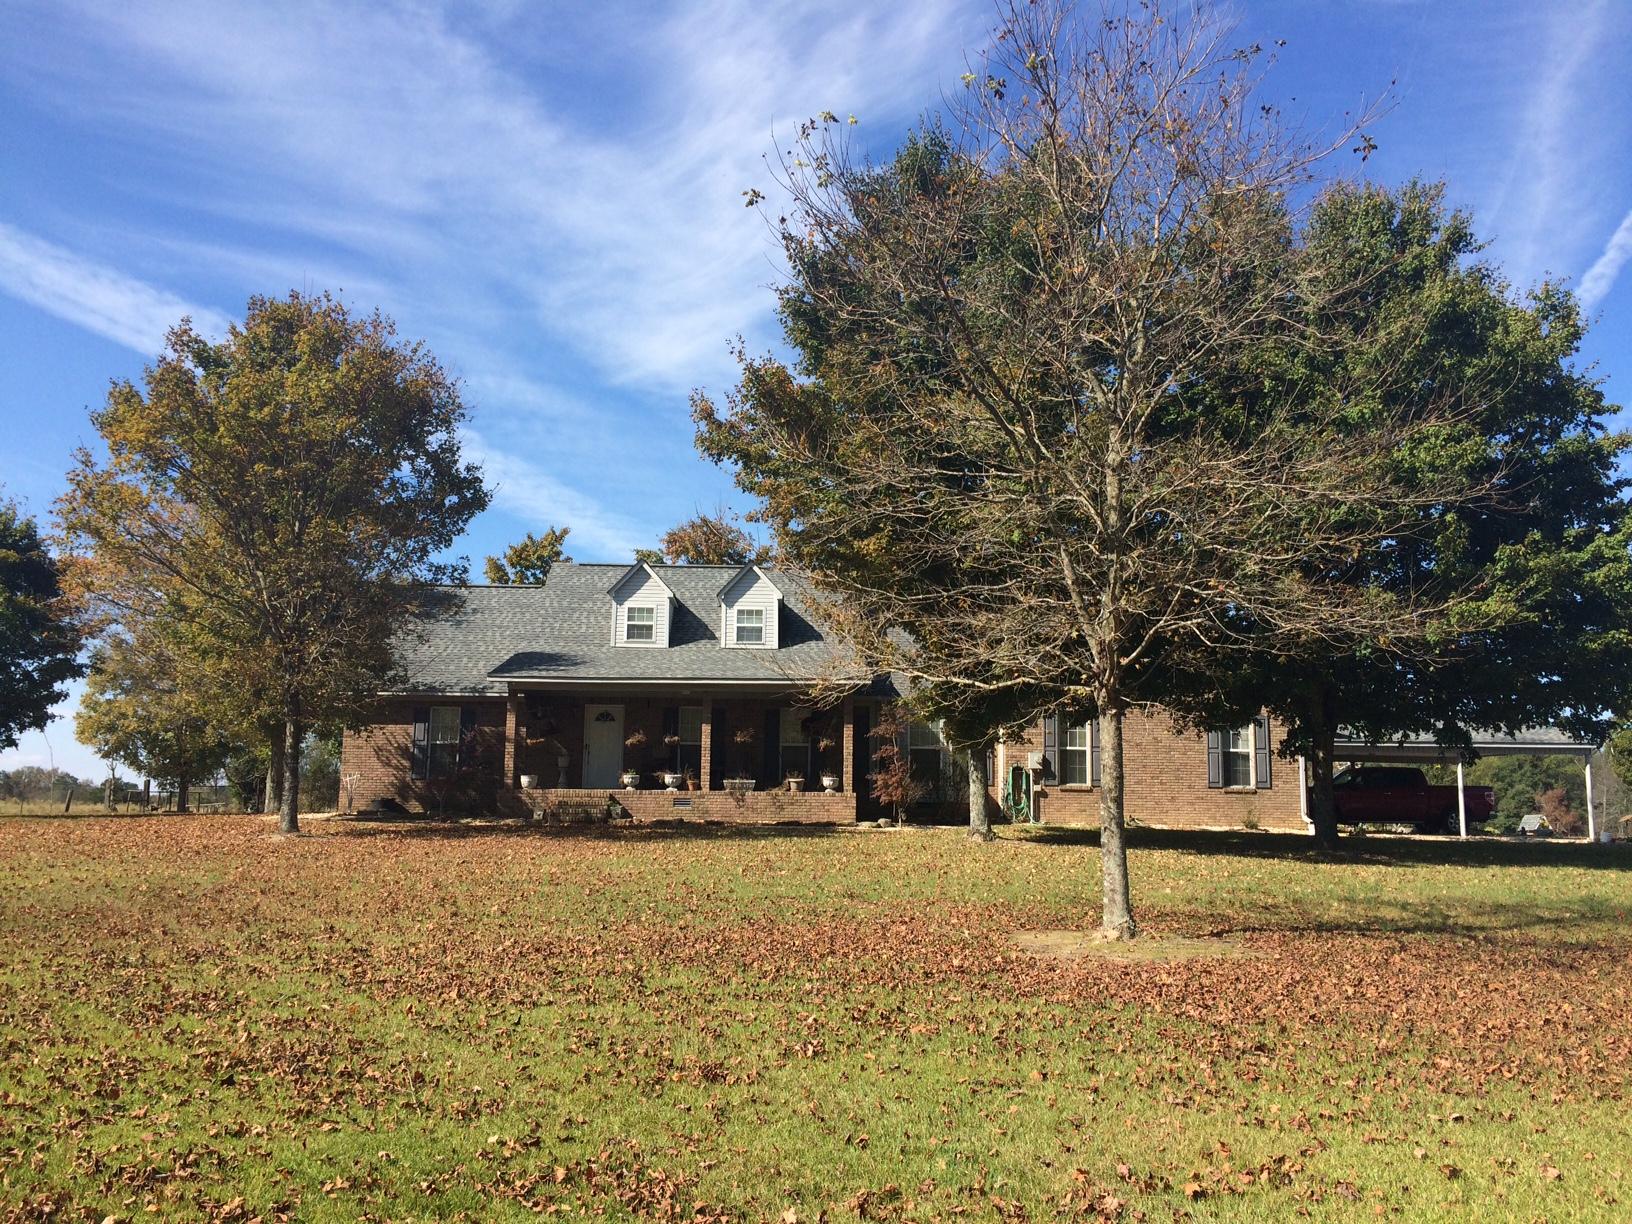 1611 Old Mcville Road, Crossville, Alabama 35962